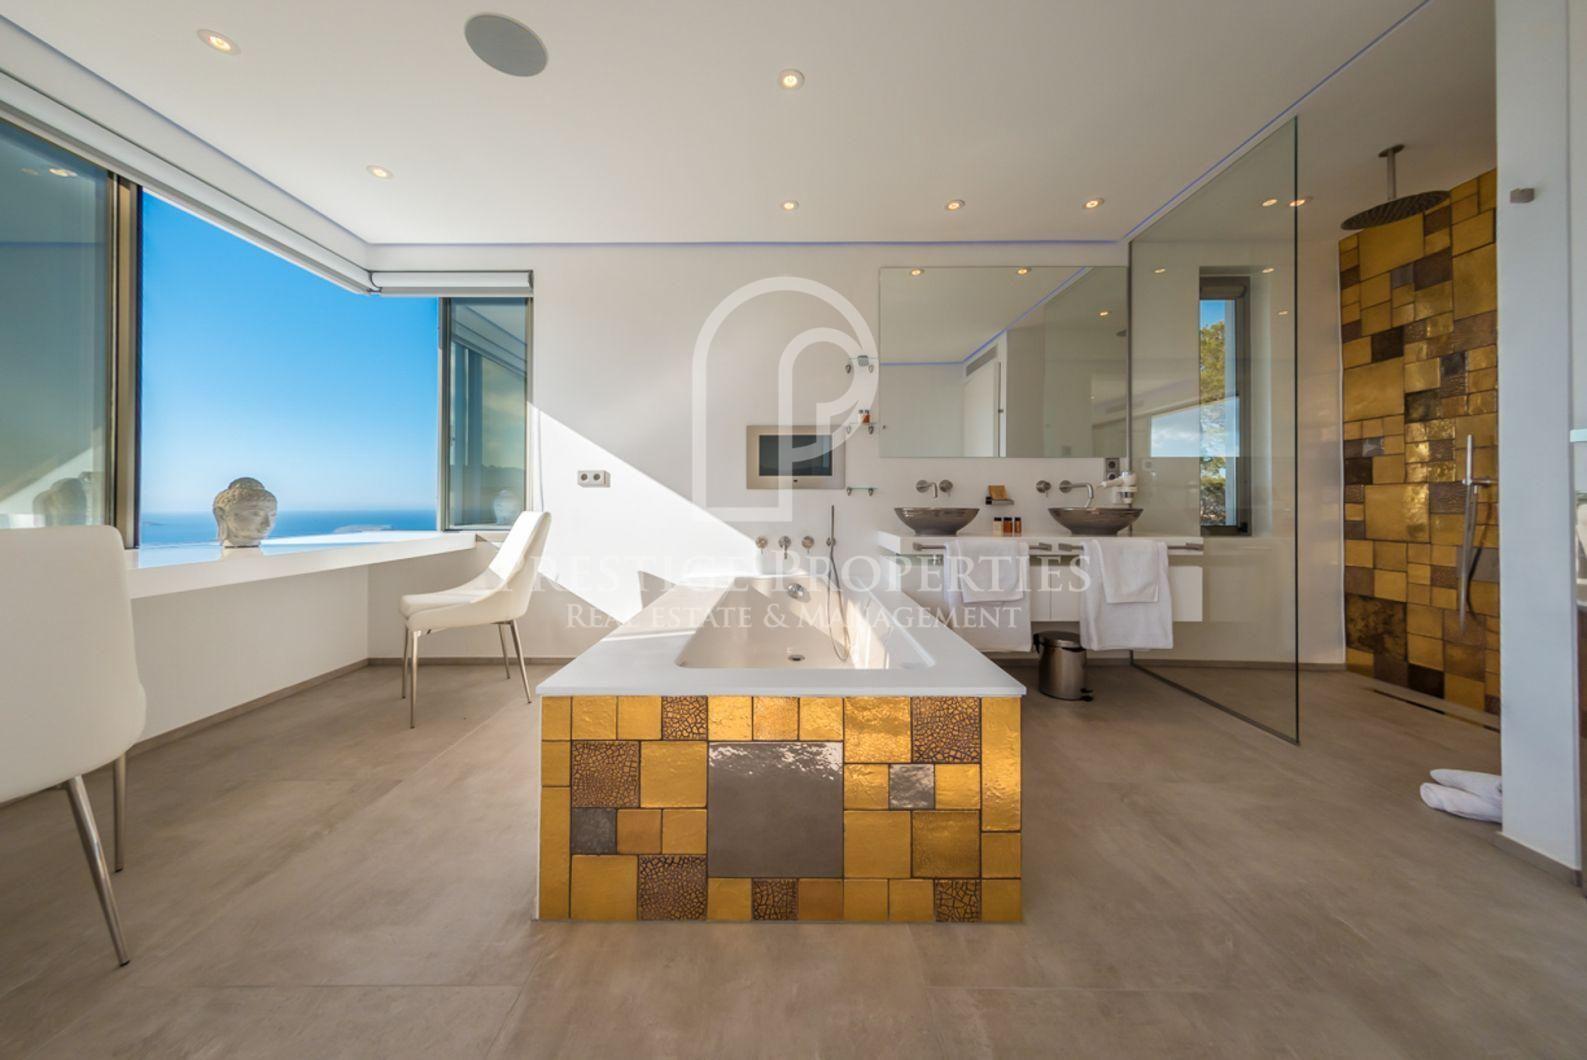 Villa Tokio Casa contemporánea, Sala grande, Baño con ducha